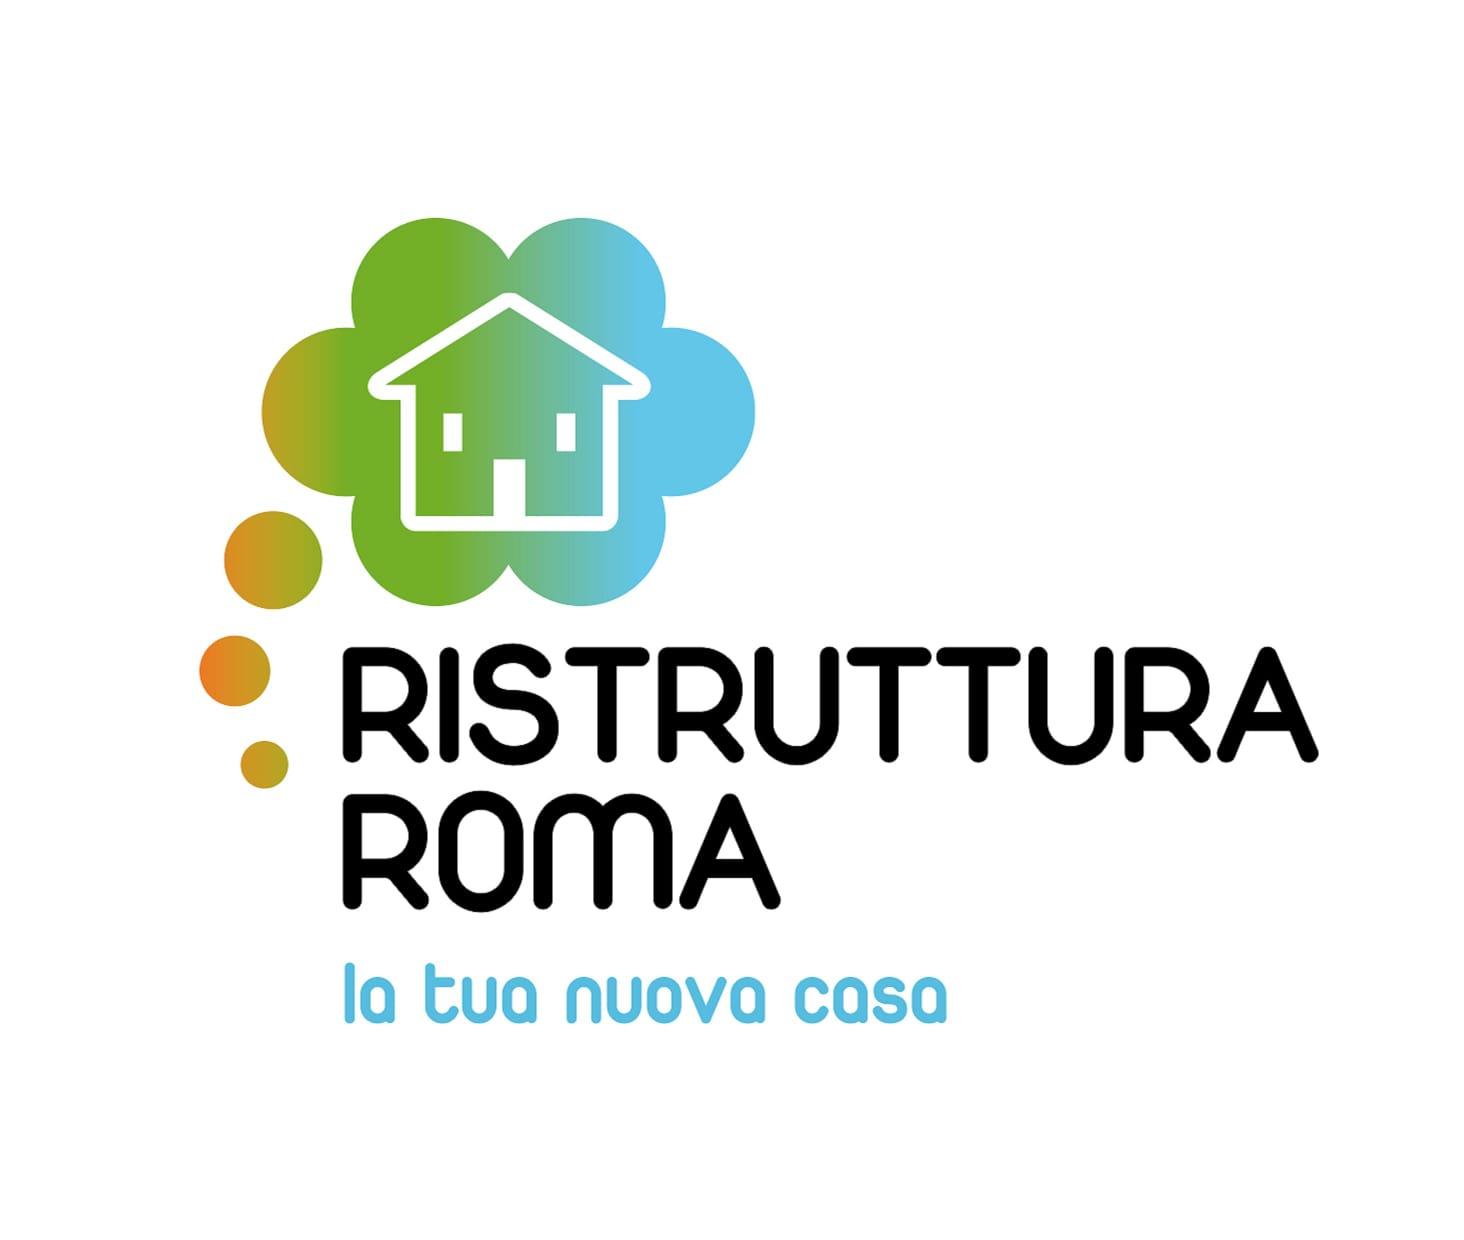 Ristruttura Roma srl